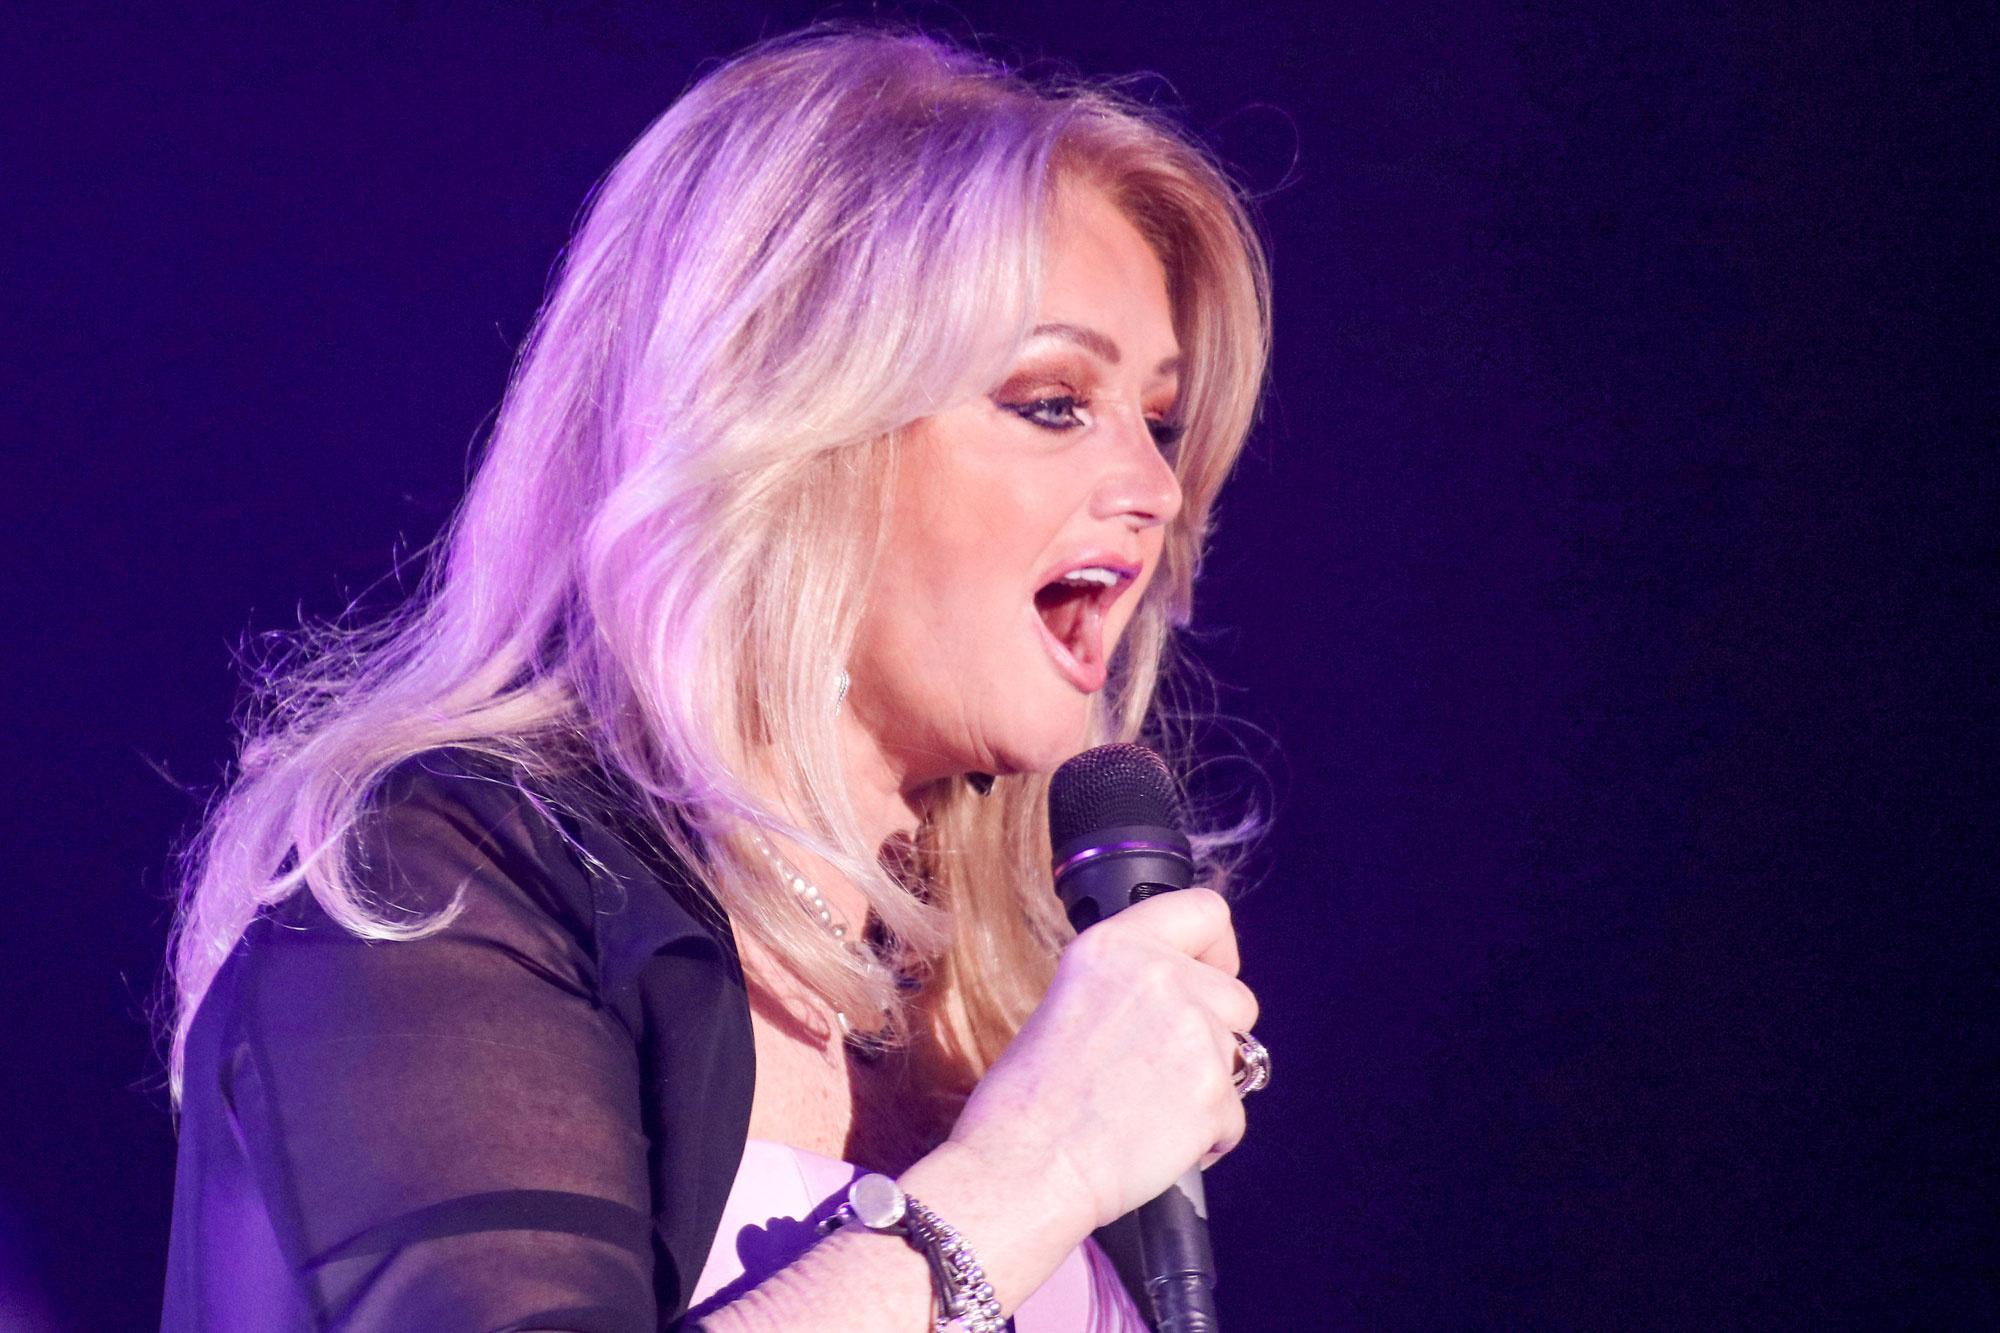 2018-ban Hamburgban koncerttel ünnepelte pályafutása negyvenedik évfordulóját.